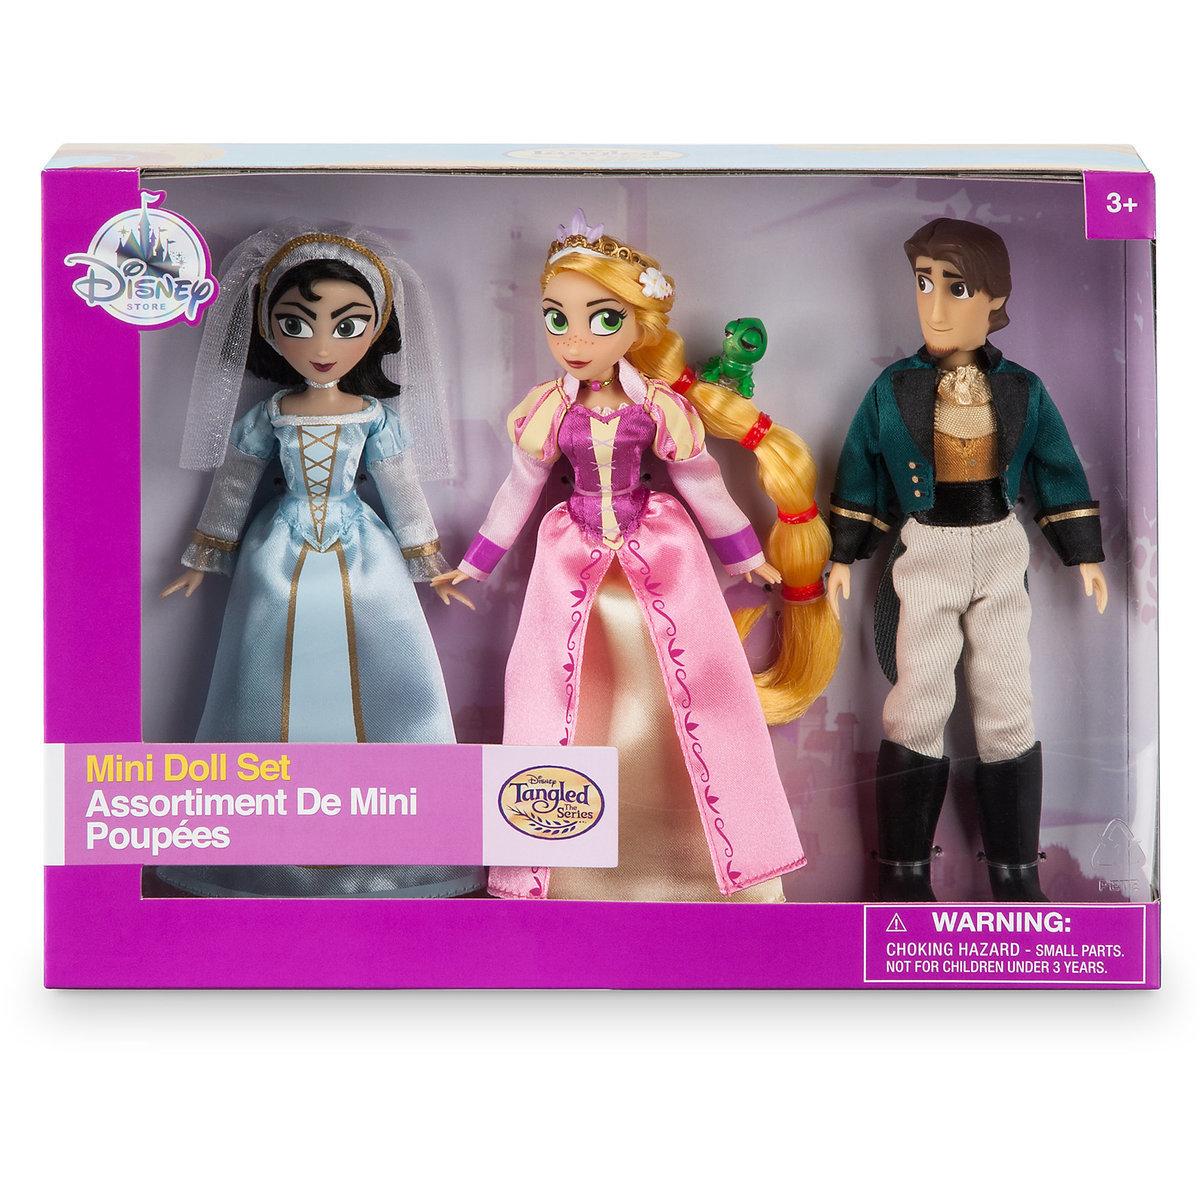 Набор мини-кукол Дисней «Рапунцель» - 12 см